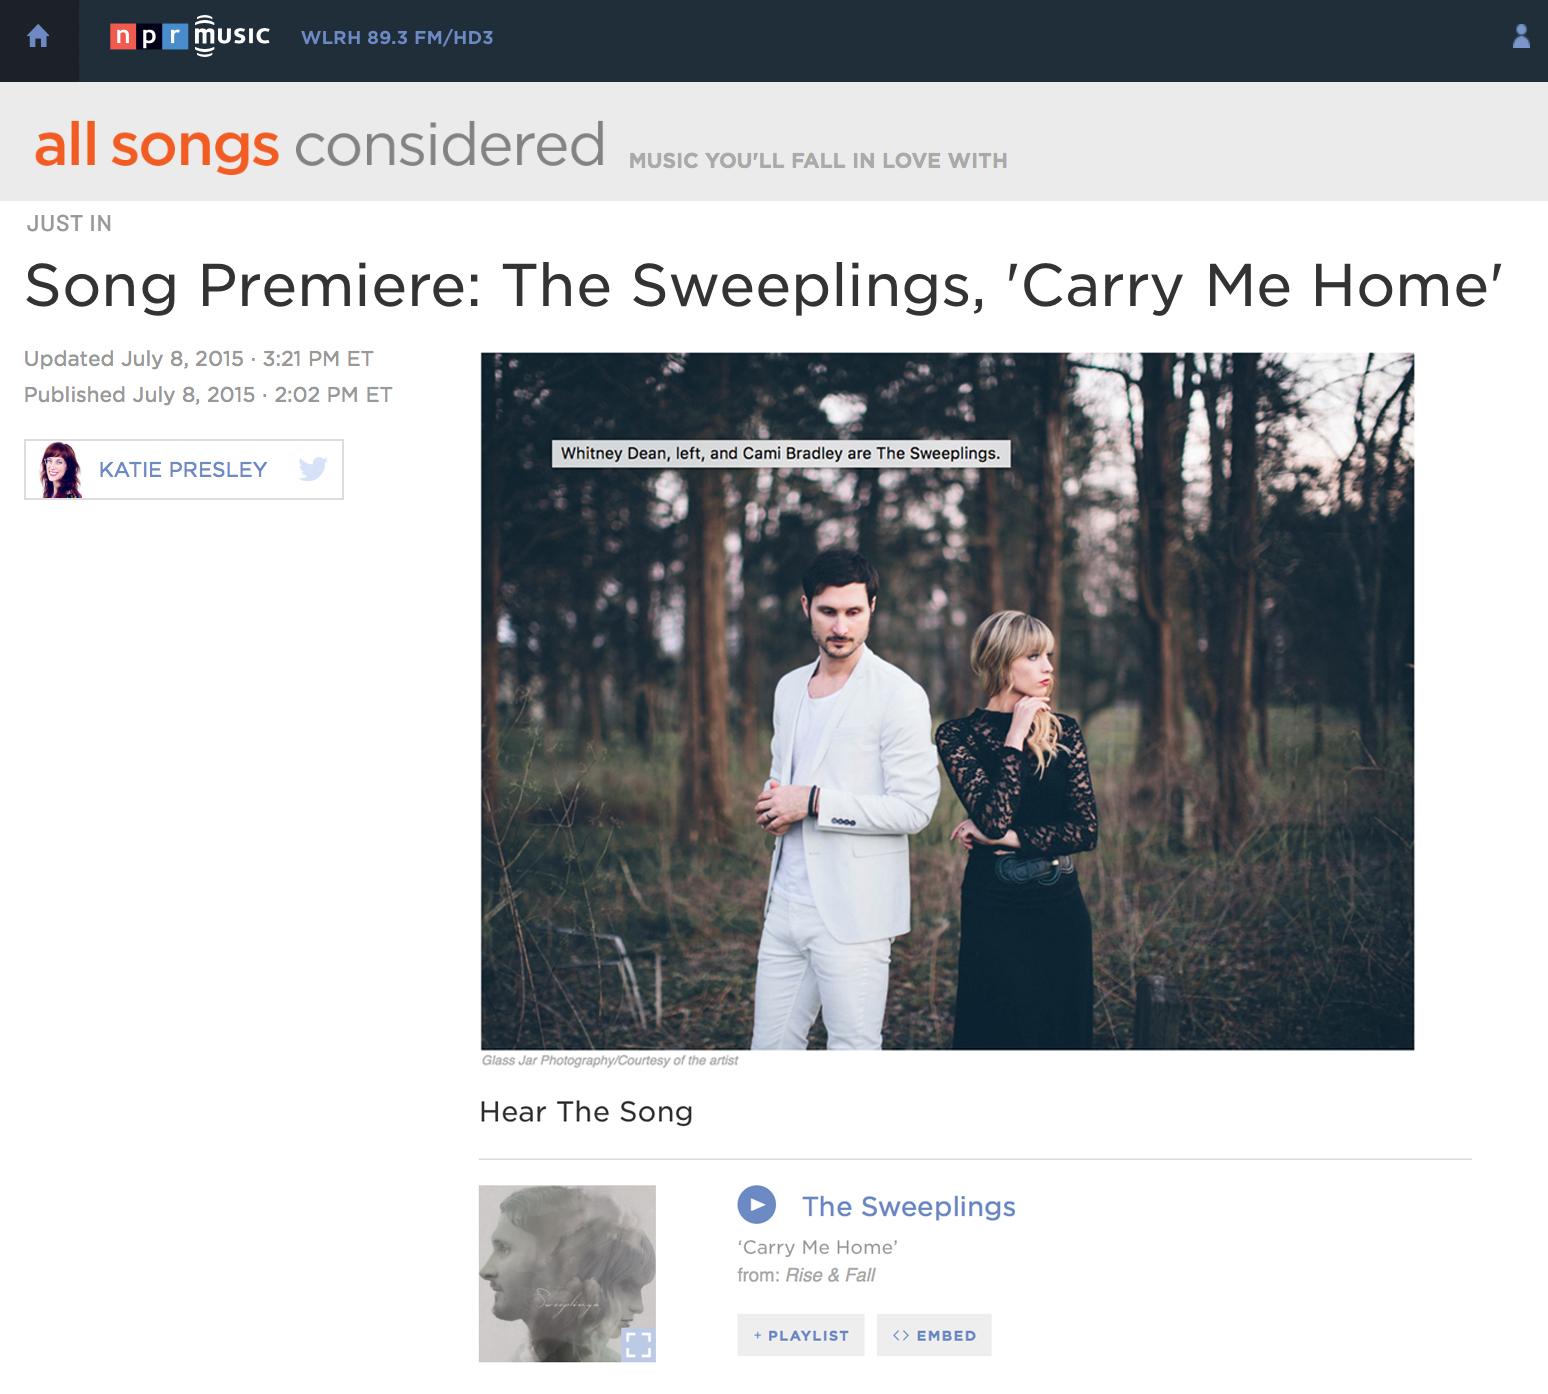 NPR Premiere - NPR premieres song